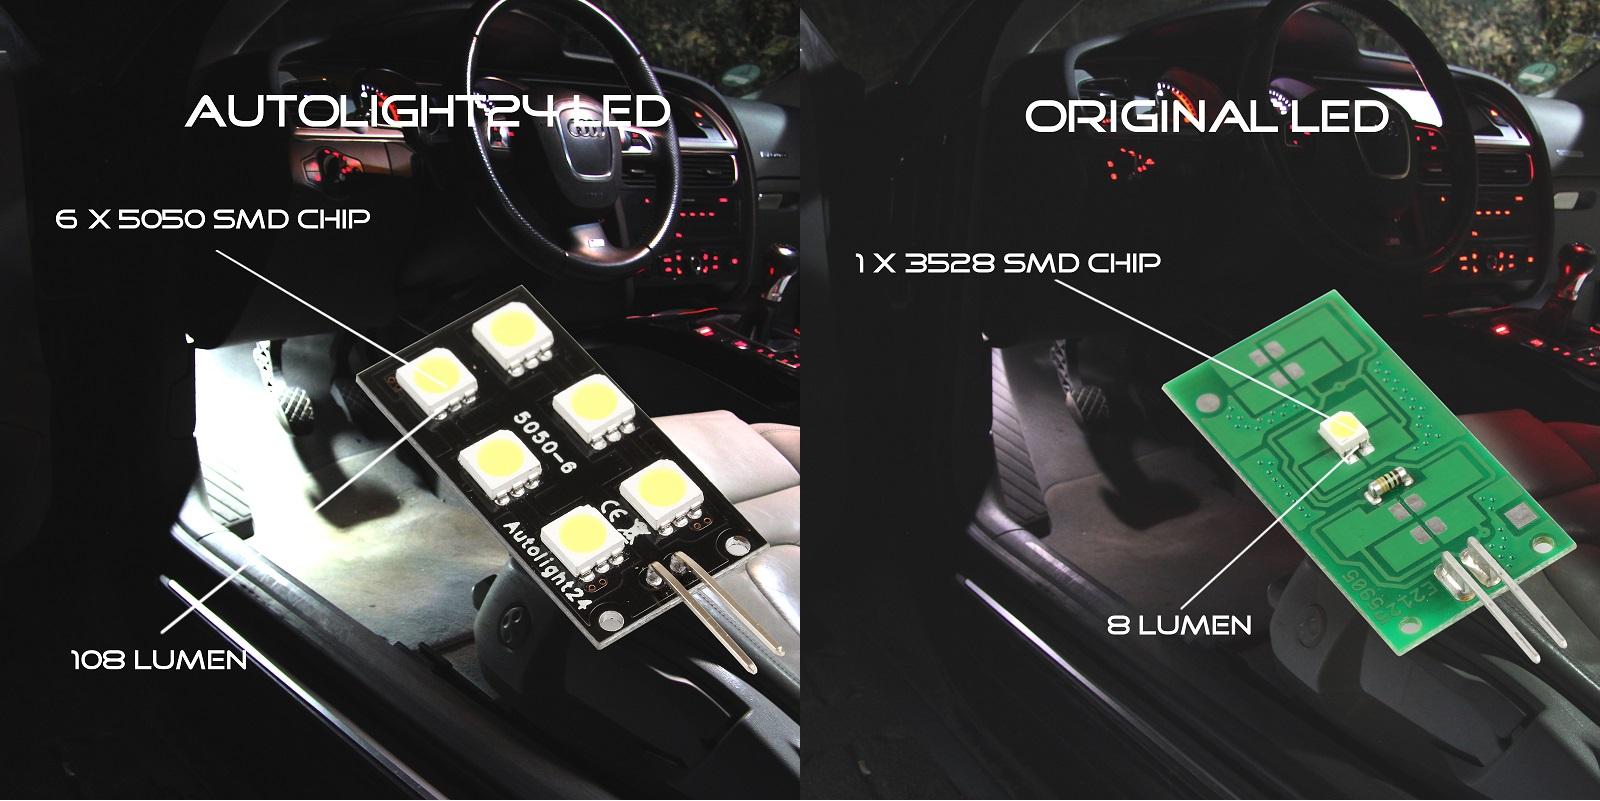 6x5050 SMD LED Modulplatine Weiß Fussraumbeleuchtung für Audi A6 C7